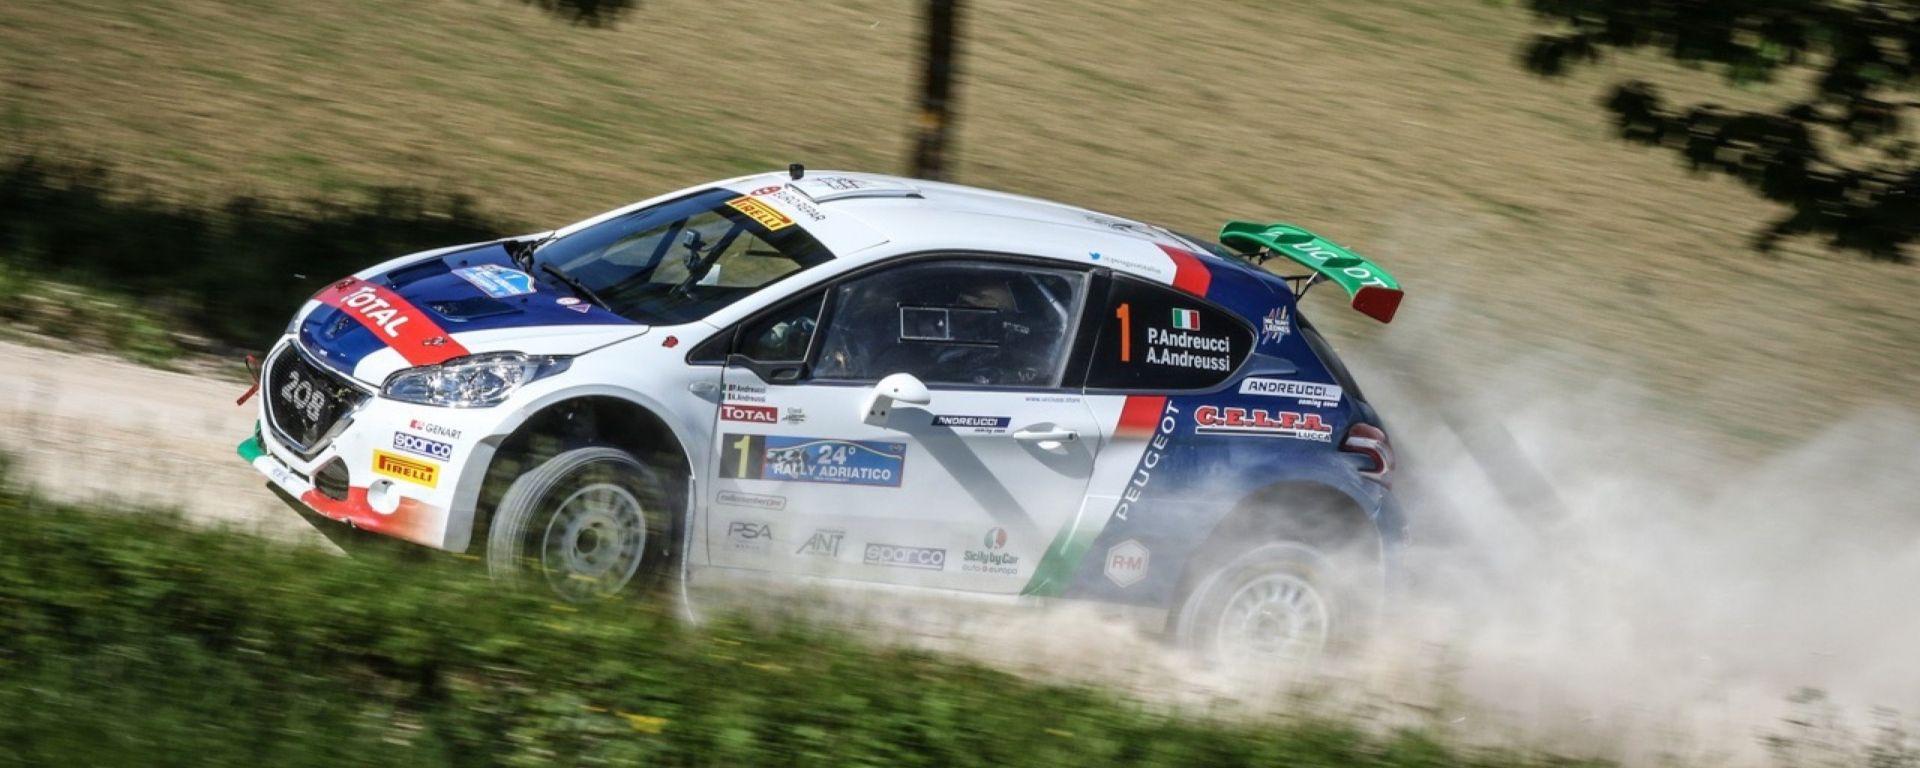 25° Rally Adriatico - info e risultati